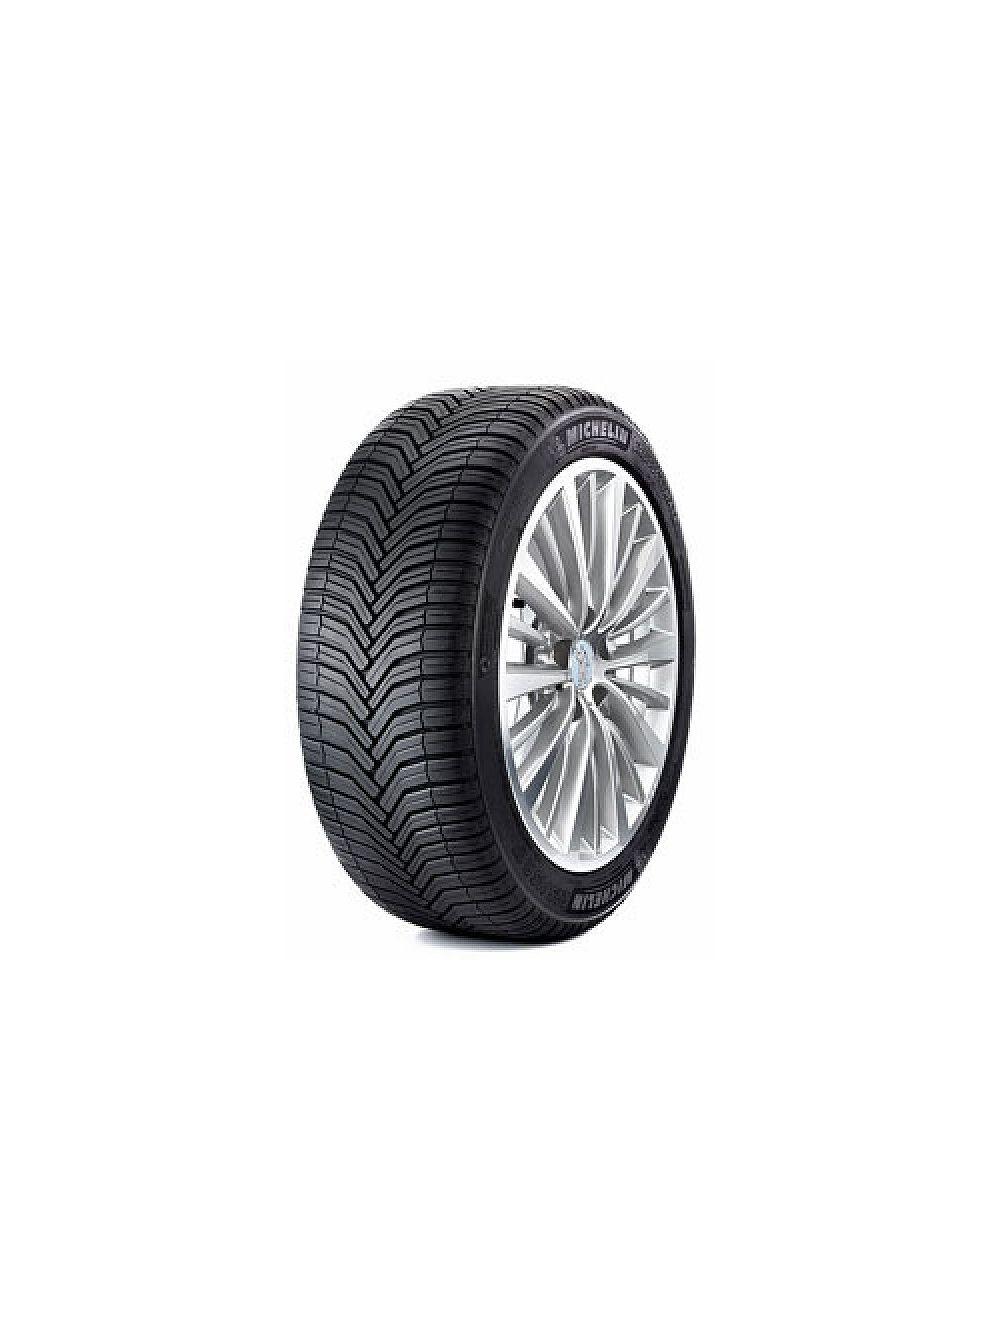 Michelin 205/50R17 W CrossClimate+ XL Négyévszakos gumi